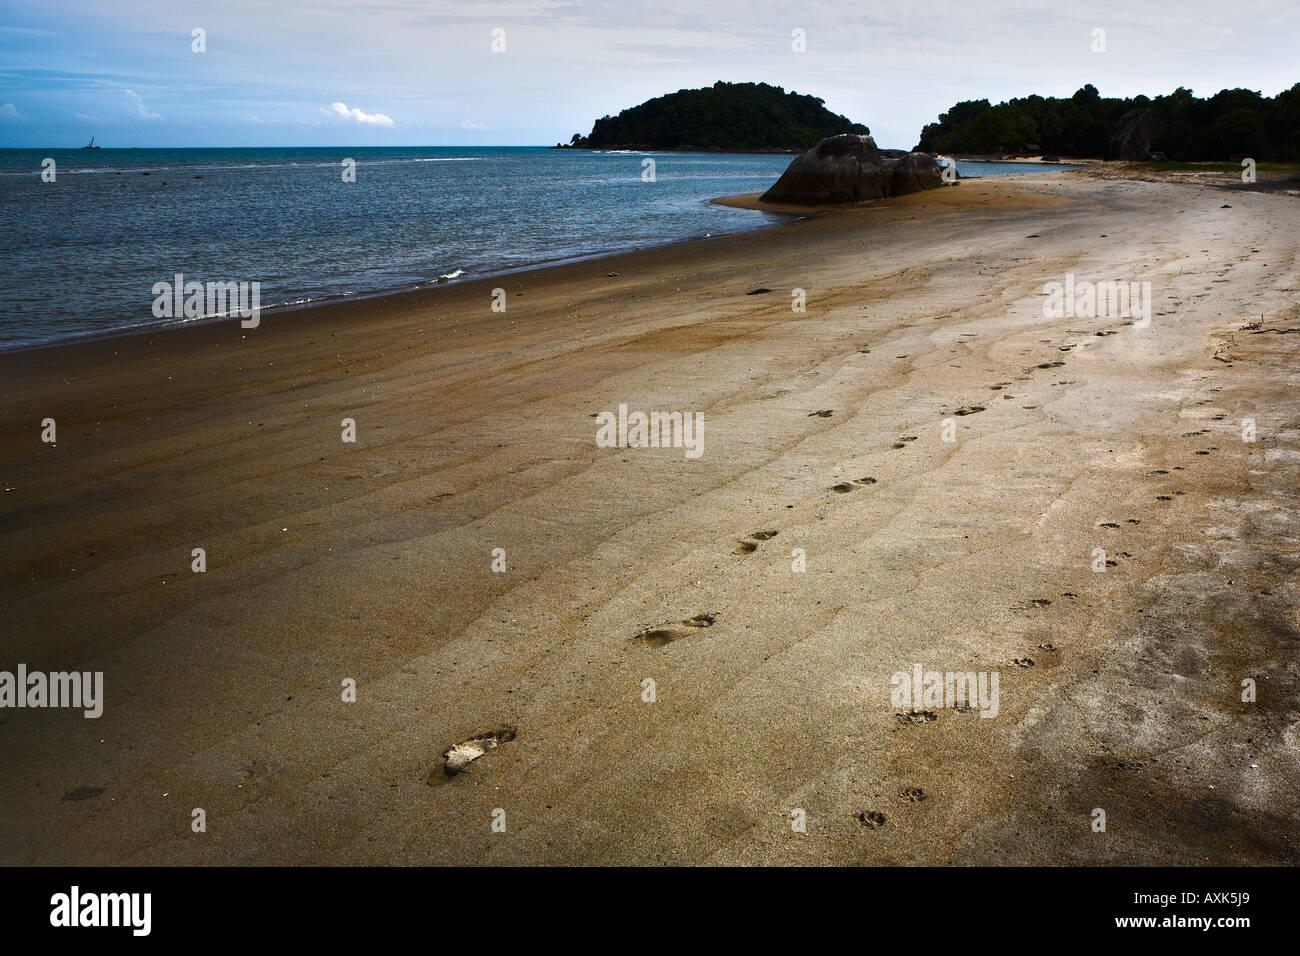 ocean water beach bank land footprints in sand rocks waves sky clouds - Stock Image